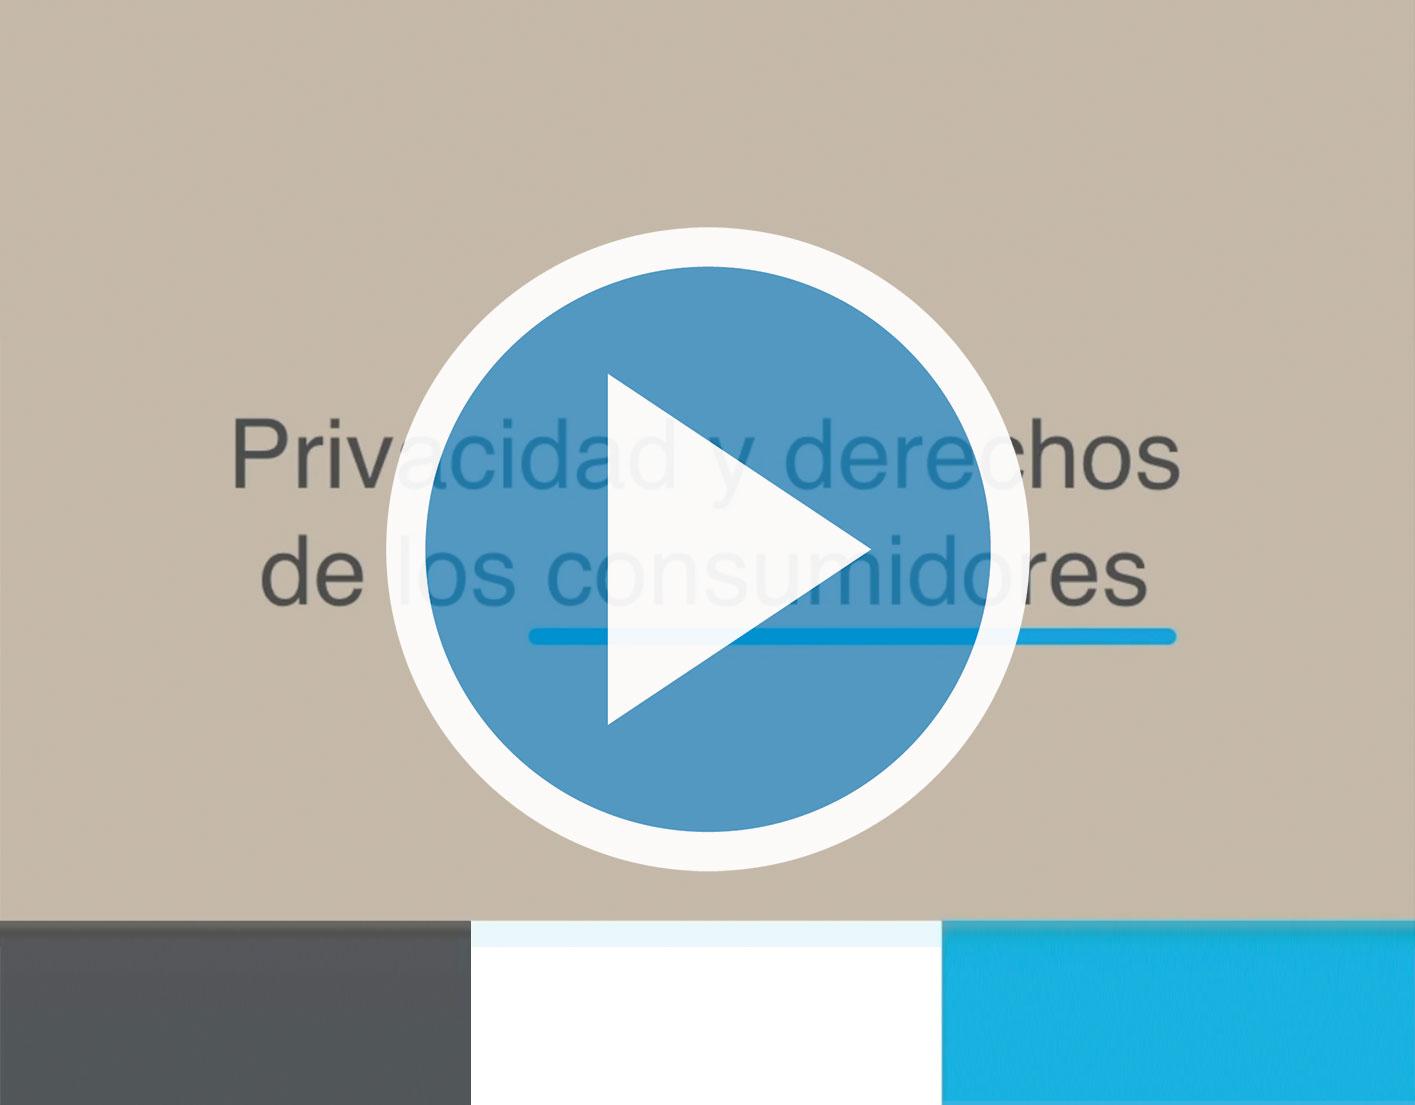 VIDEOPOST: Privacidad y derechos de los consumidores